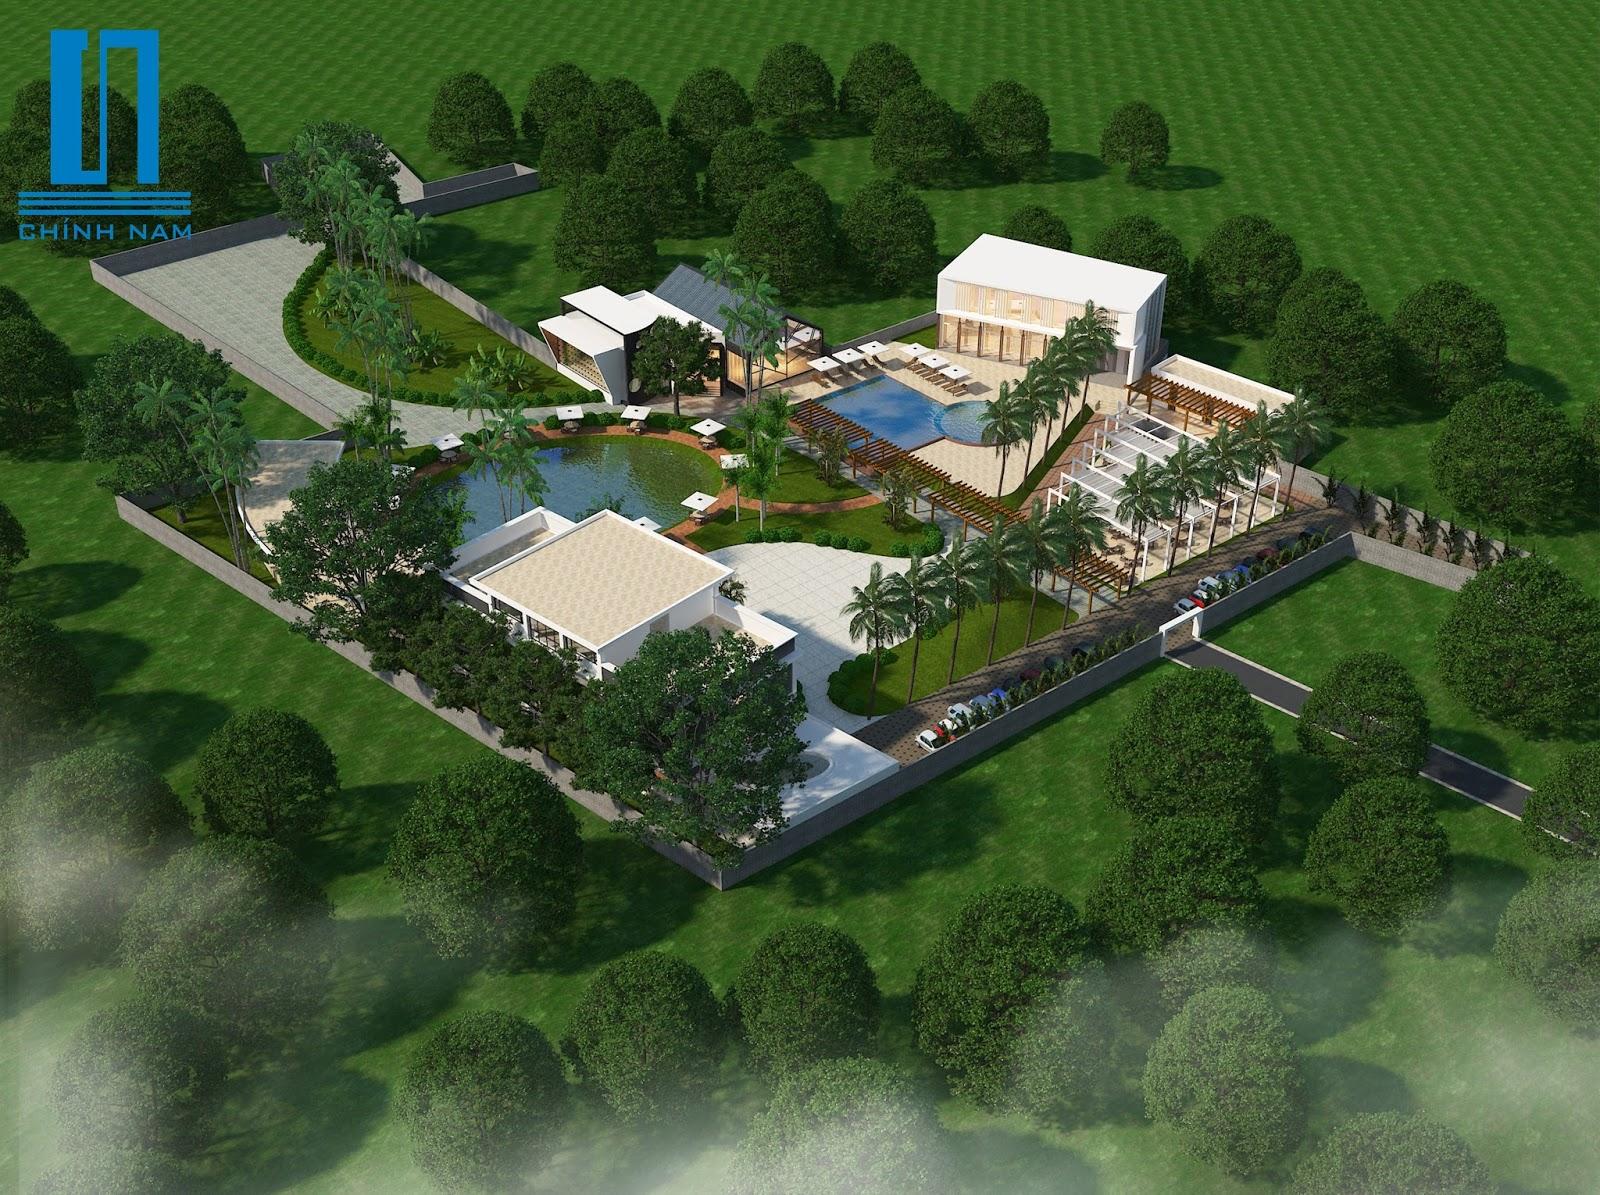 CC02: Thiết kế khu khách sạn tổng hợp